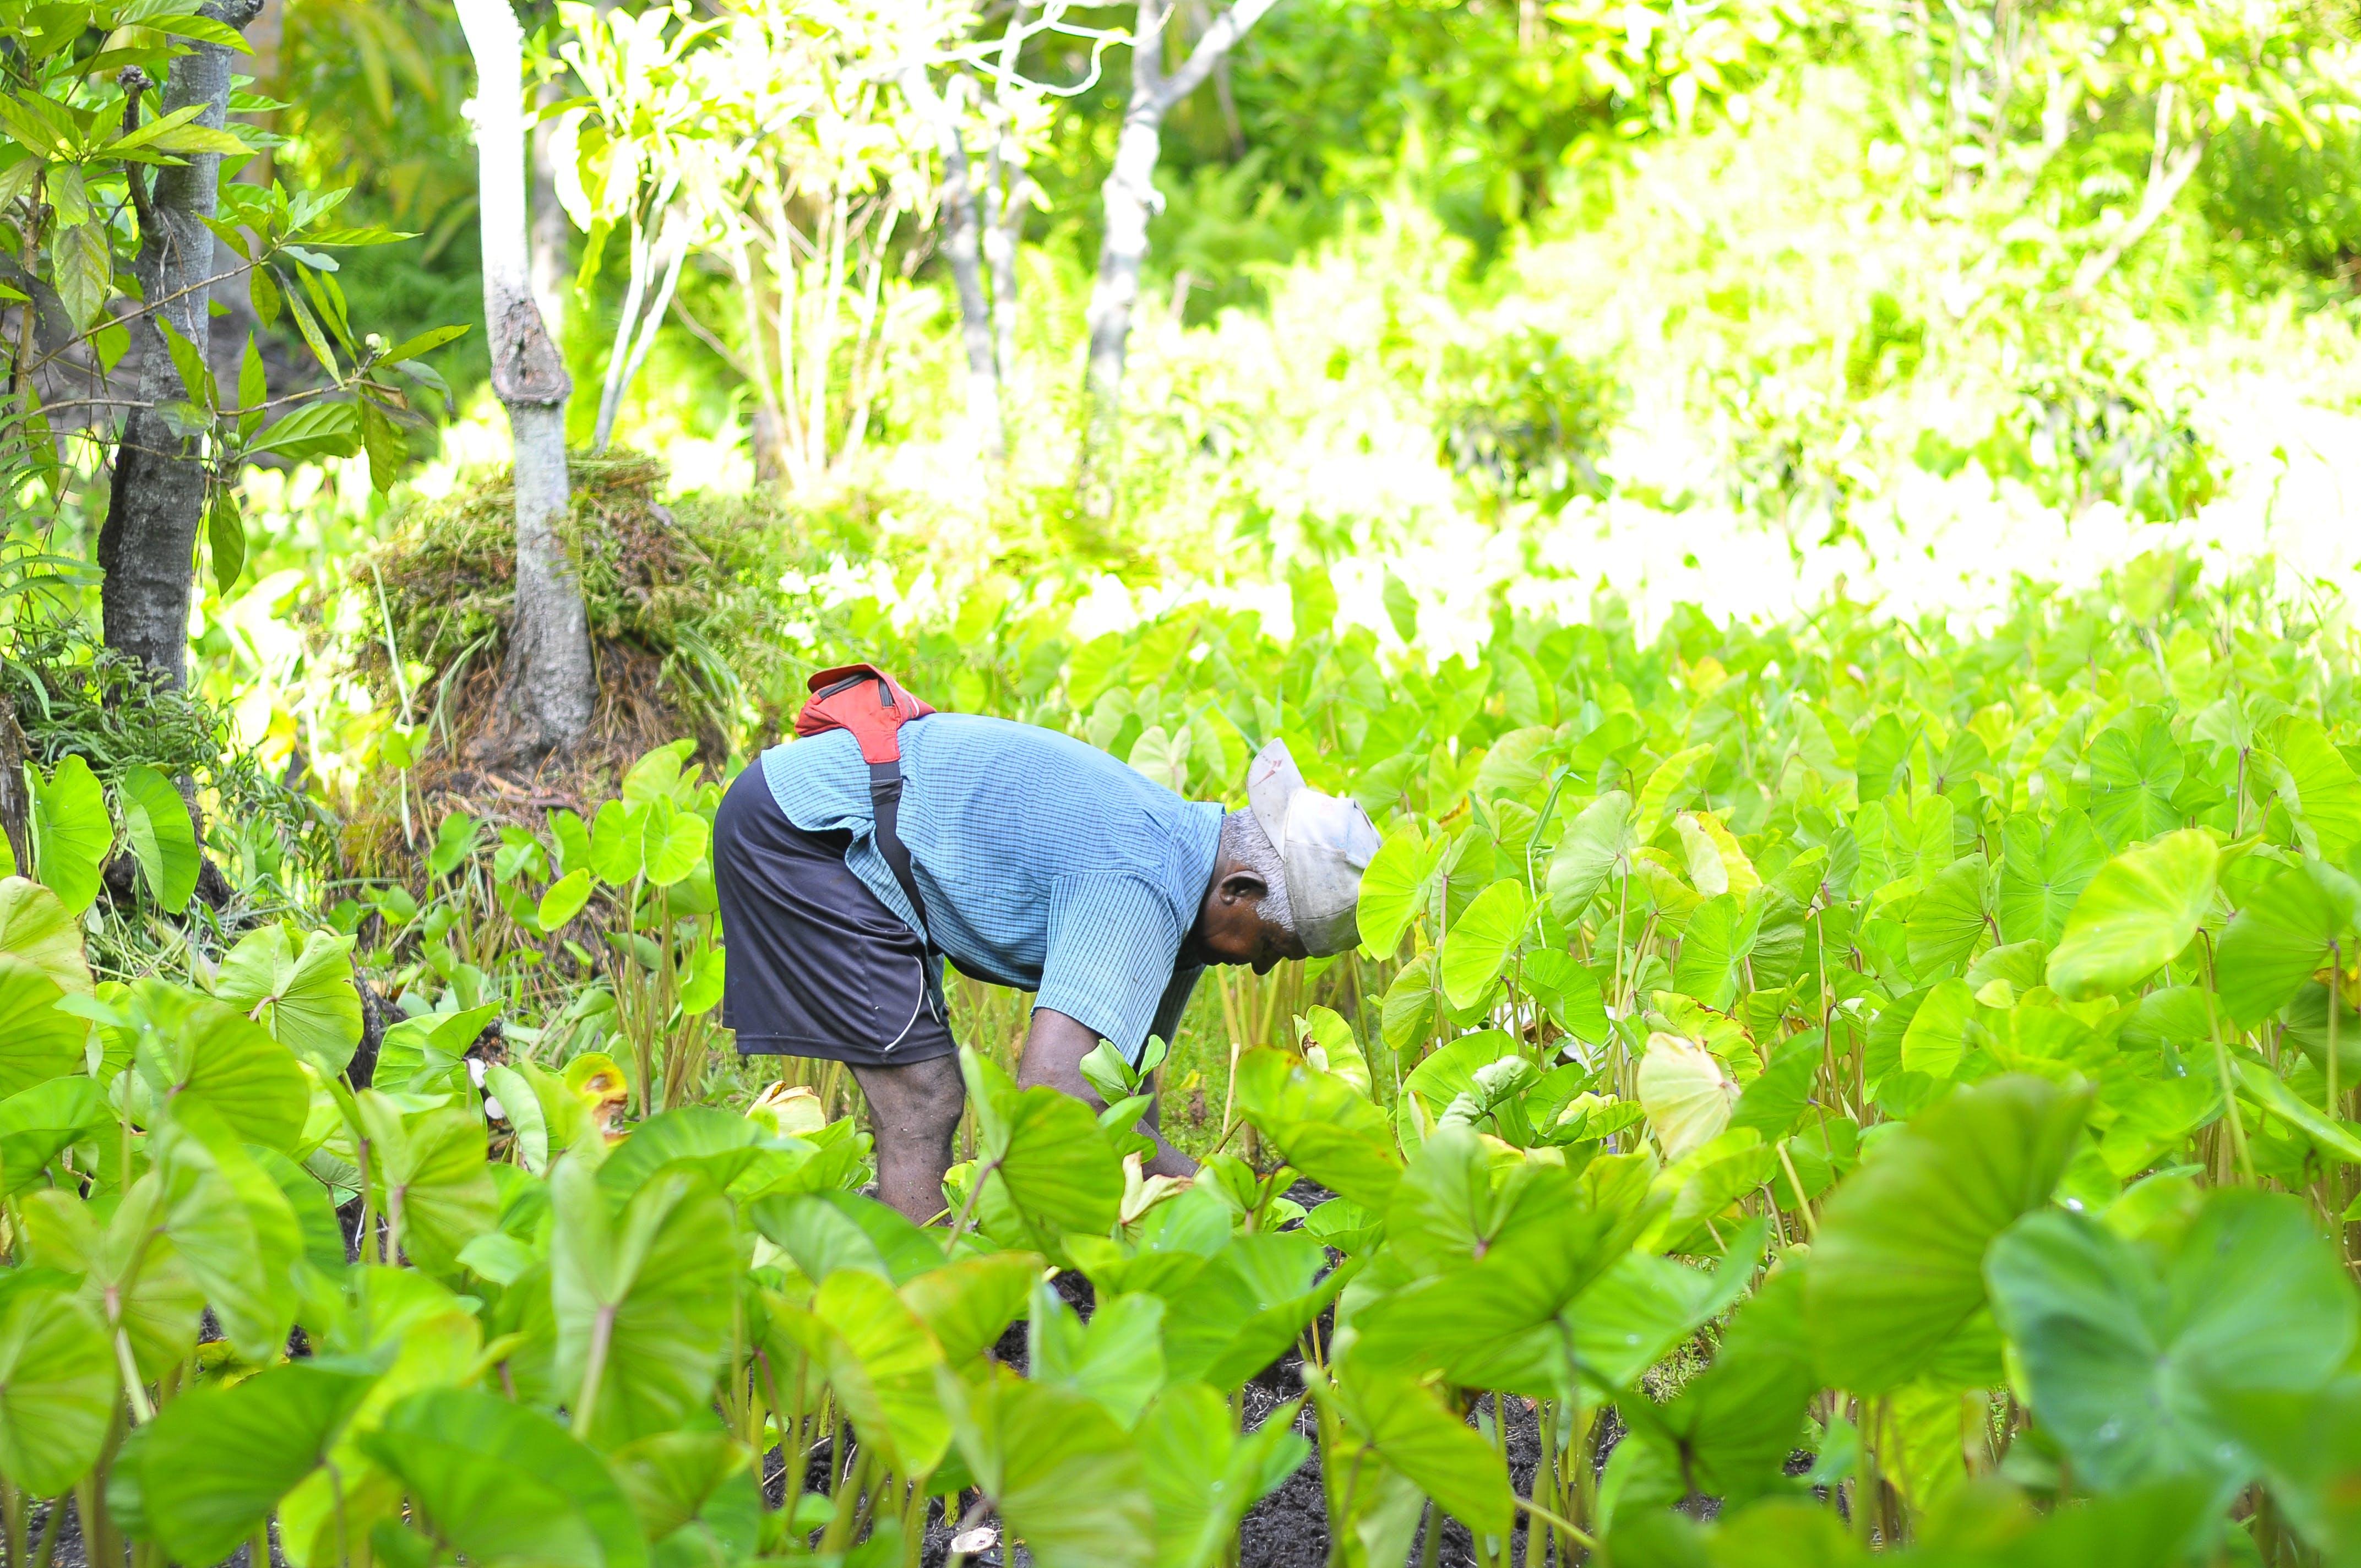 Kostnadsfri bild av arbetssätt, bondgård, gräs, grön